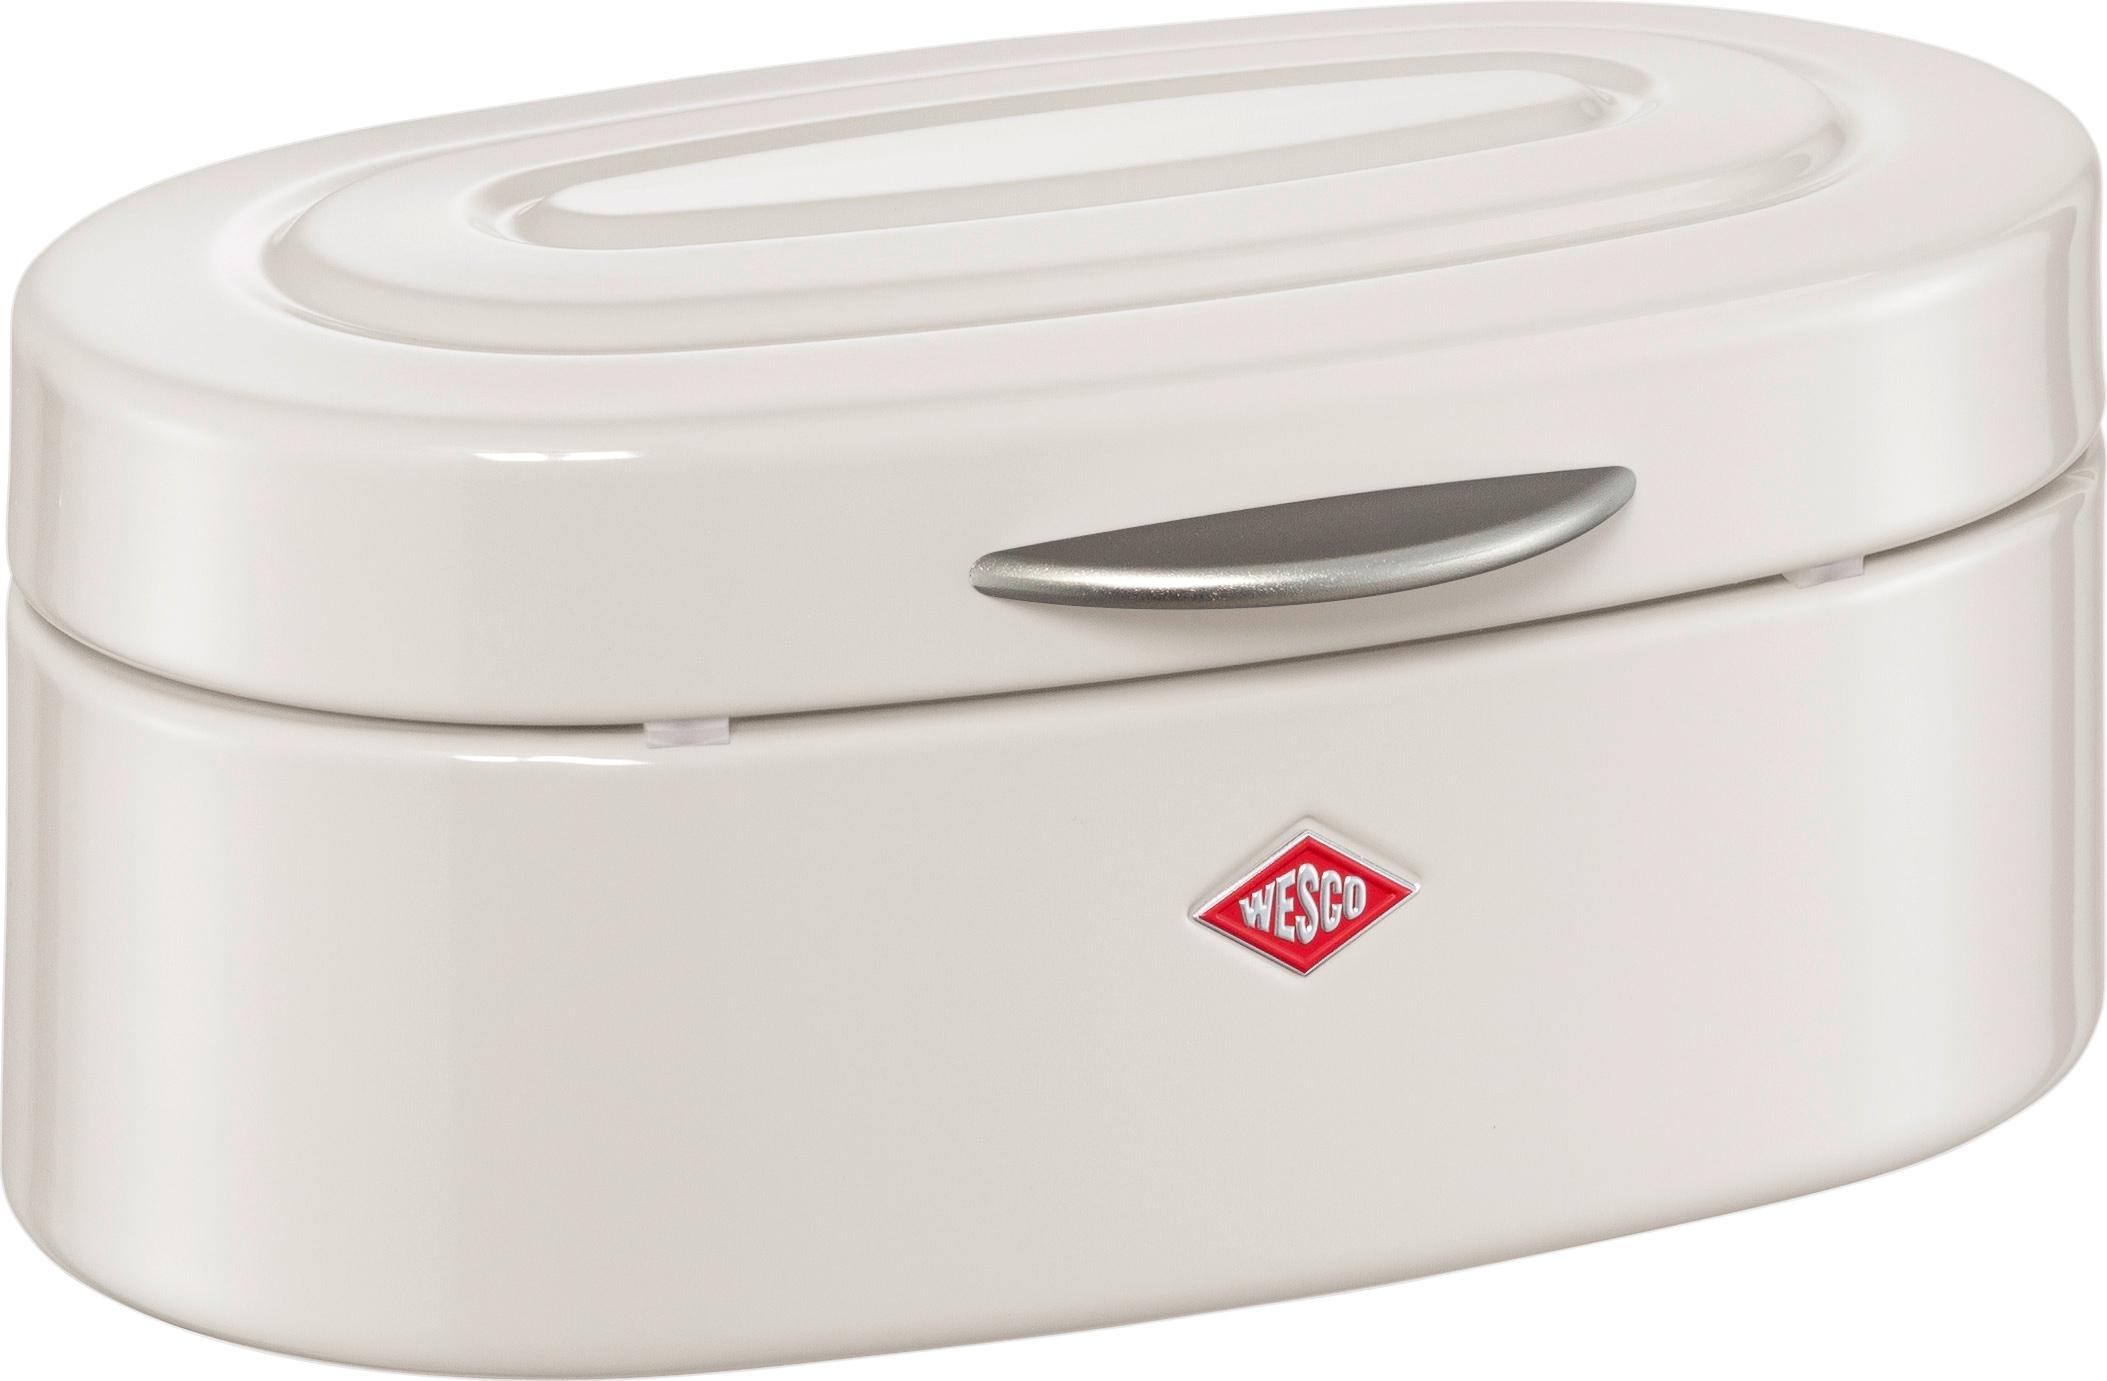 Wesco Aufbewahrungsbehälter MINI ELLY beige Aufbewahrung Küchenhelfer Haushaltswaren